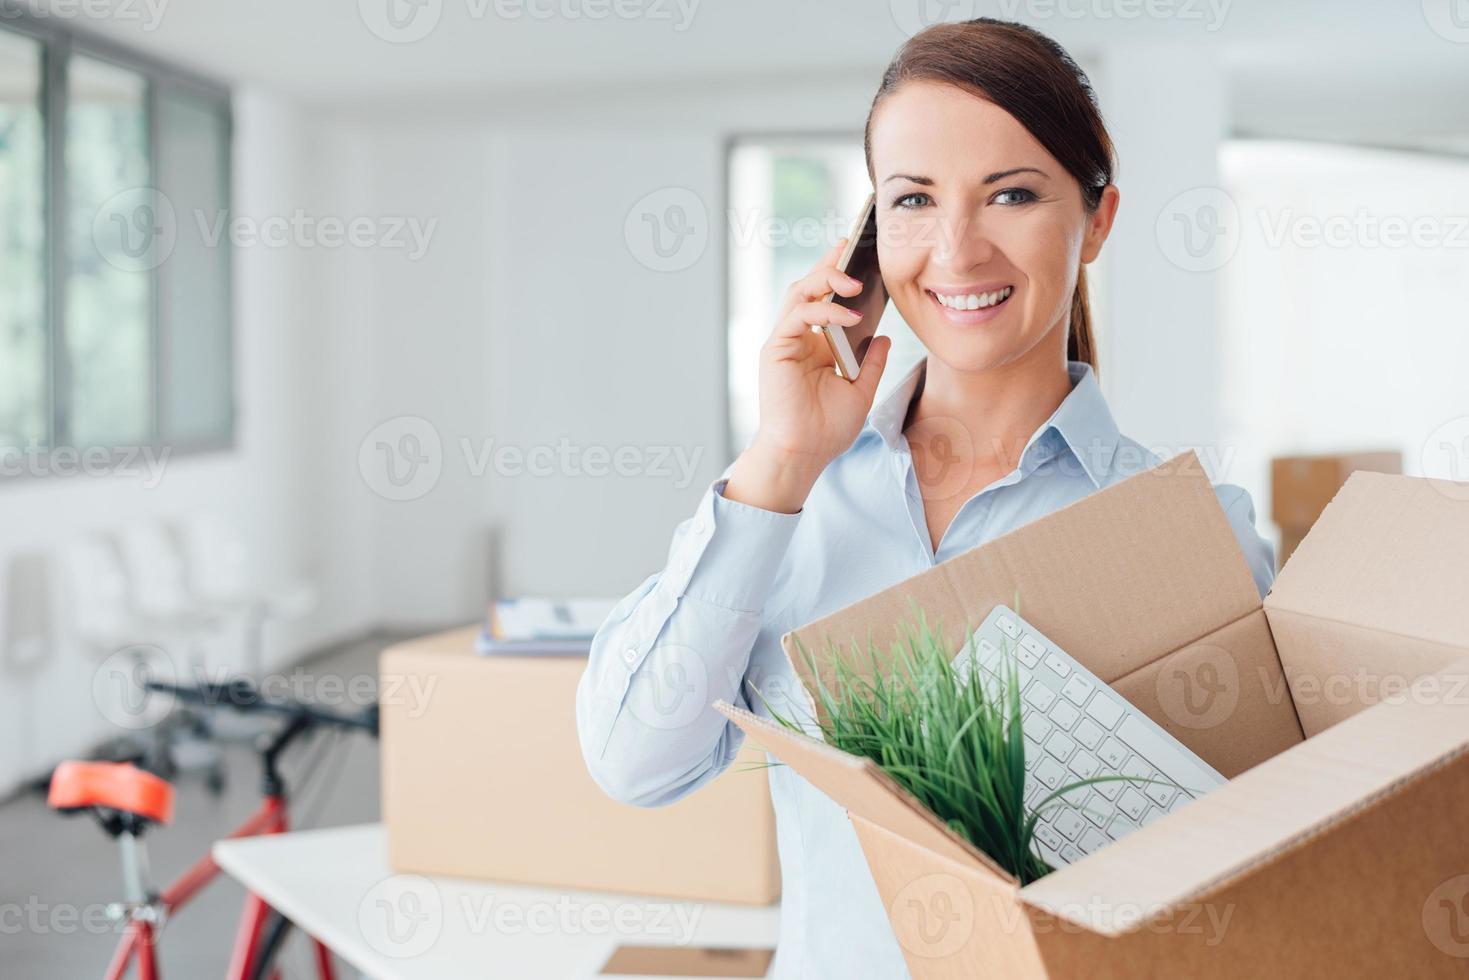 schöne Frau am Telefon mit einer offenen Box foto